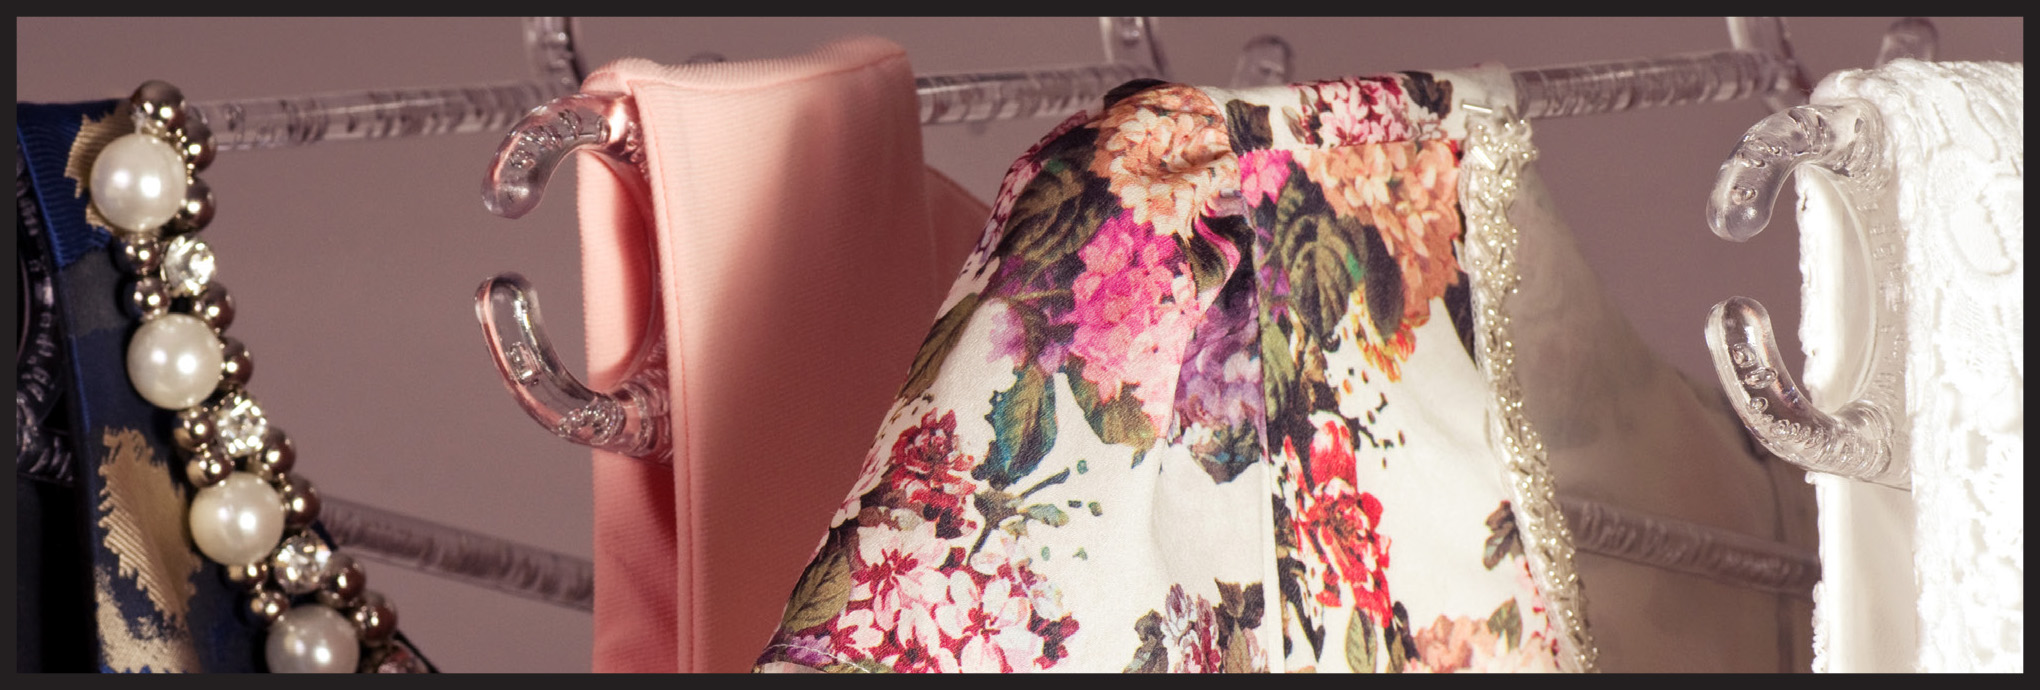 luxury-fashion-brands-market-to-millennial-women